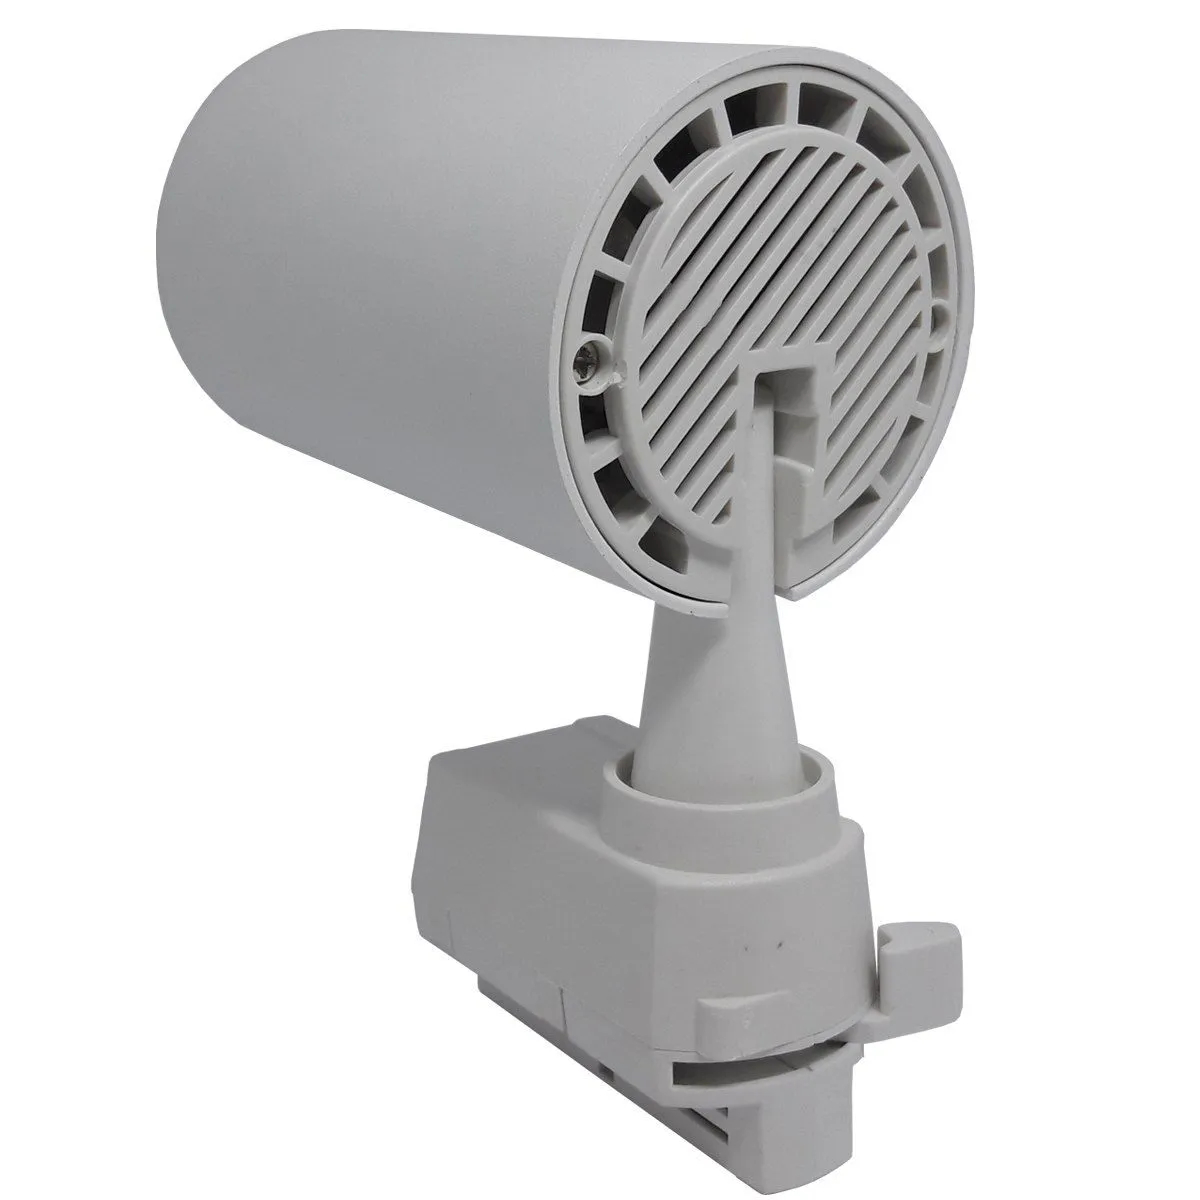 Spot LED Trilho 10W Branco Bivolt Branco Quente 3000K